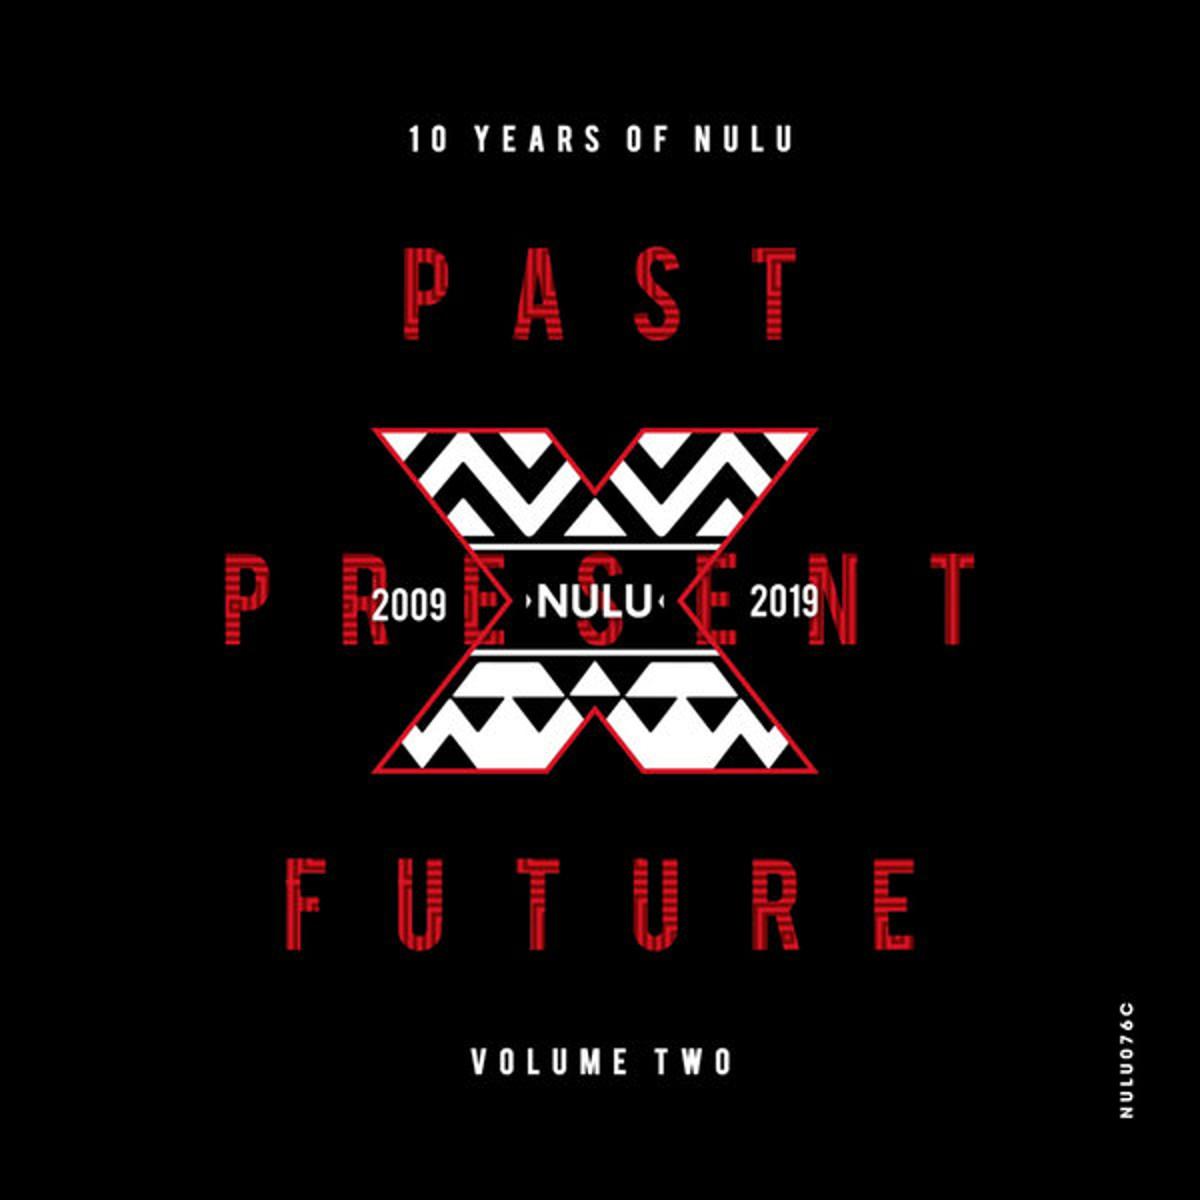 10 Years of NuLu - Vol. 02